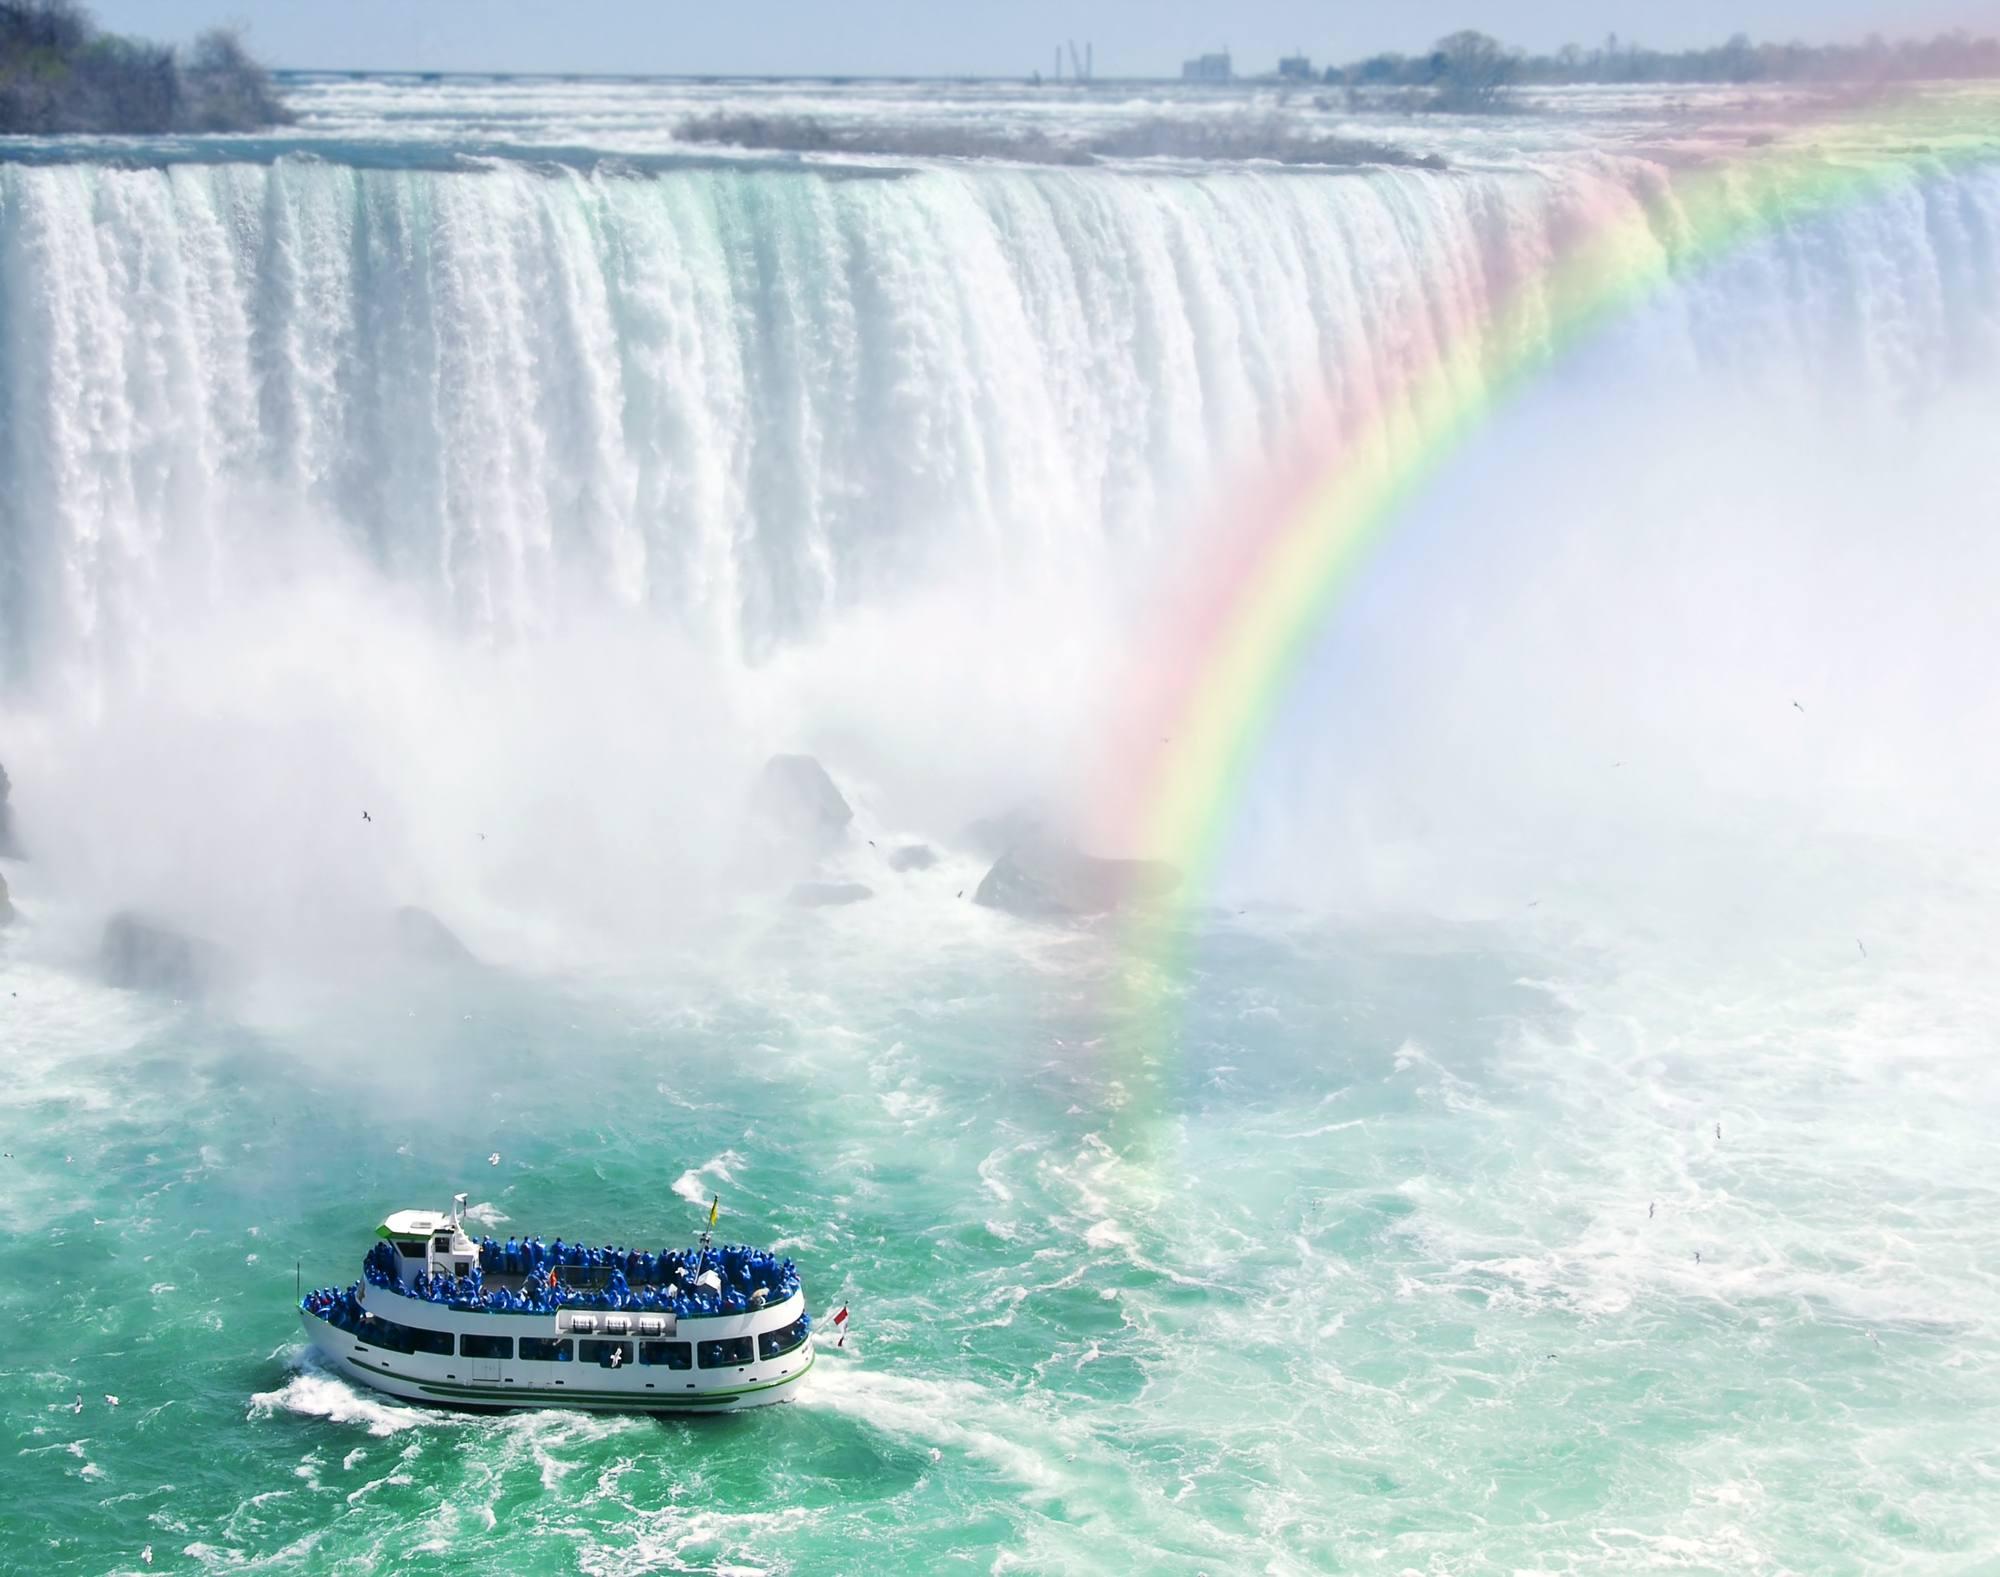 Maid of the Mist boat at Niagara Falls